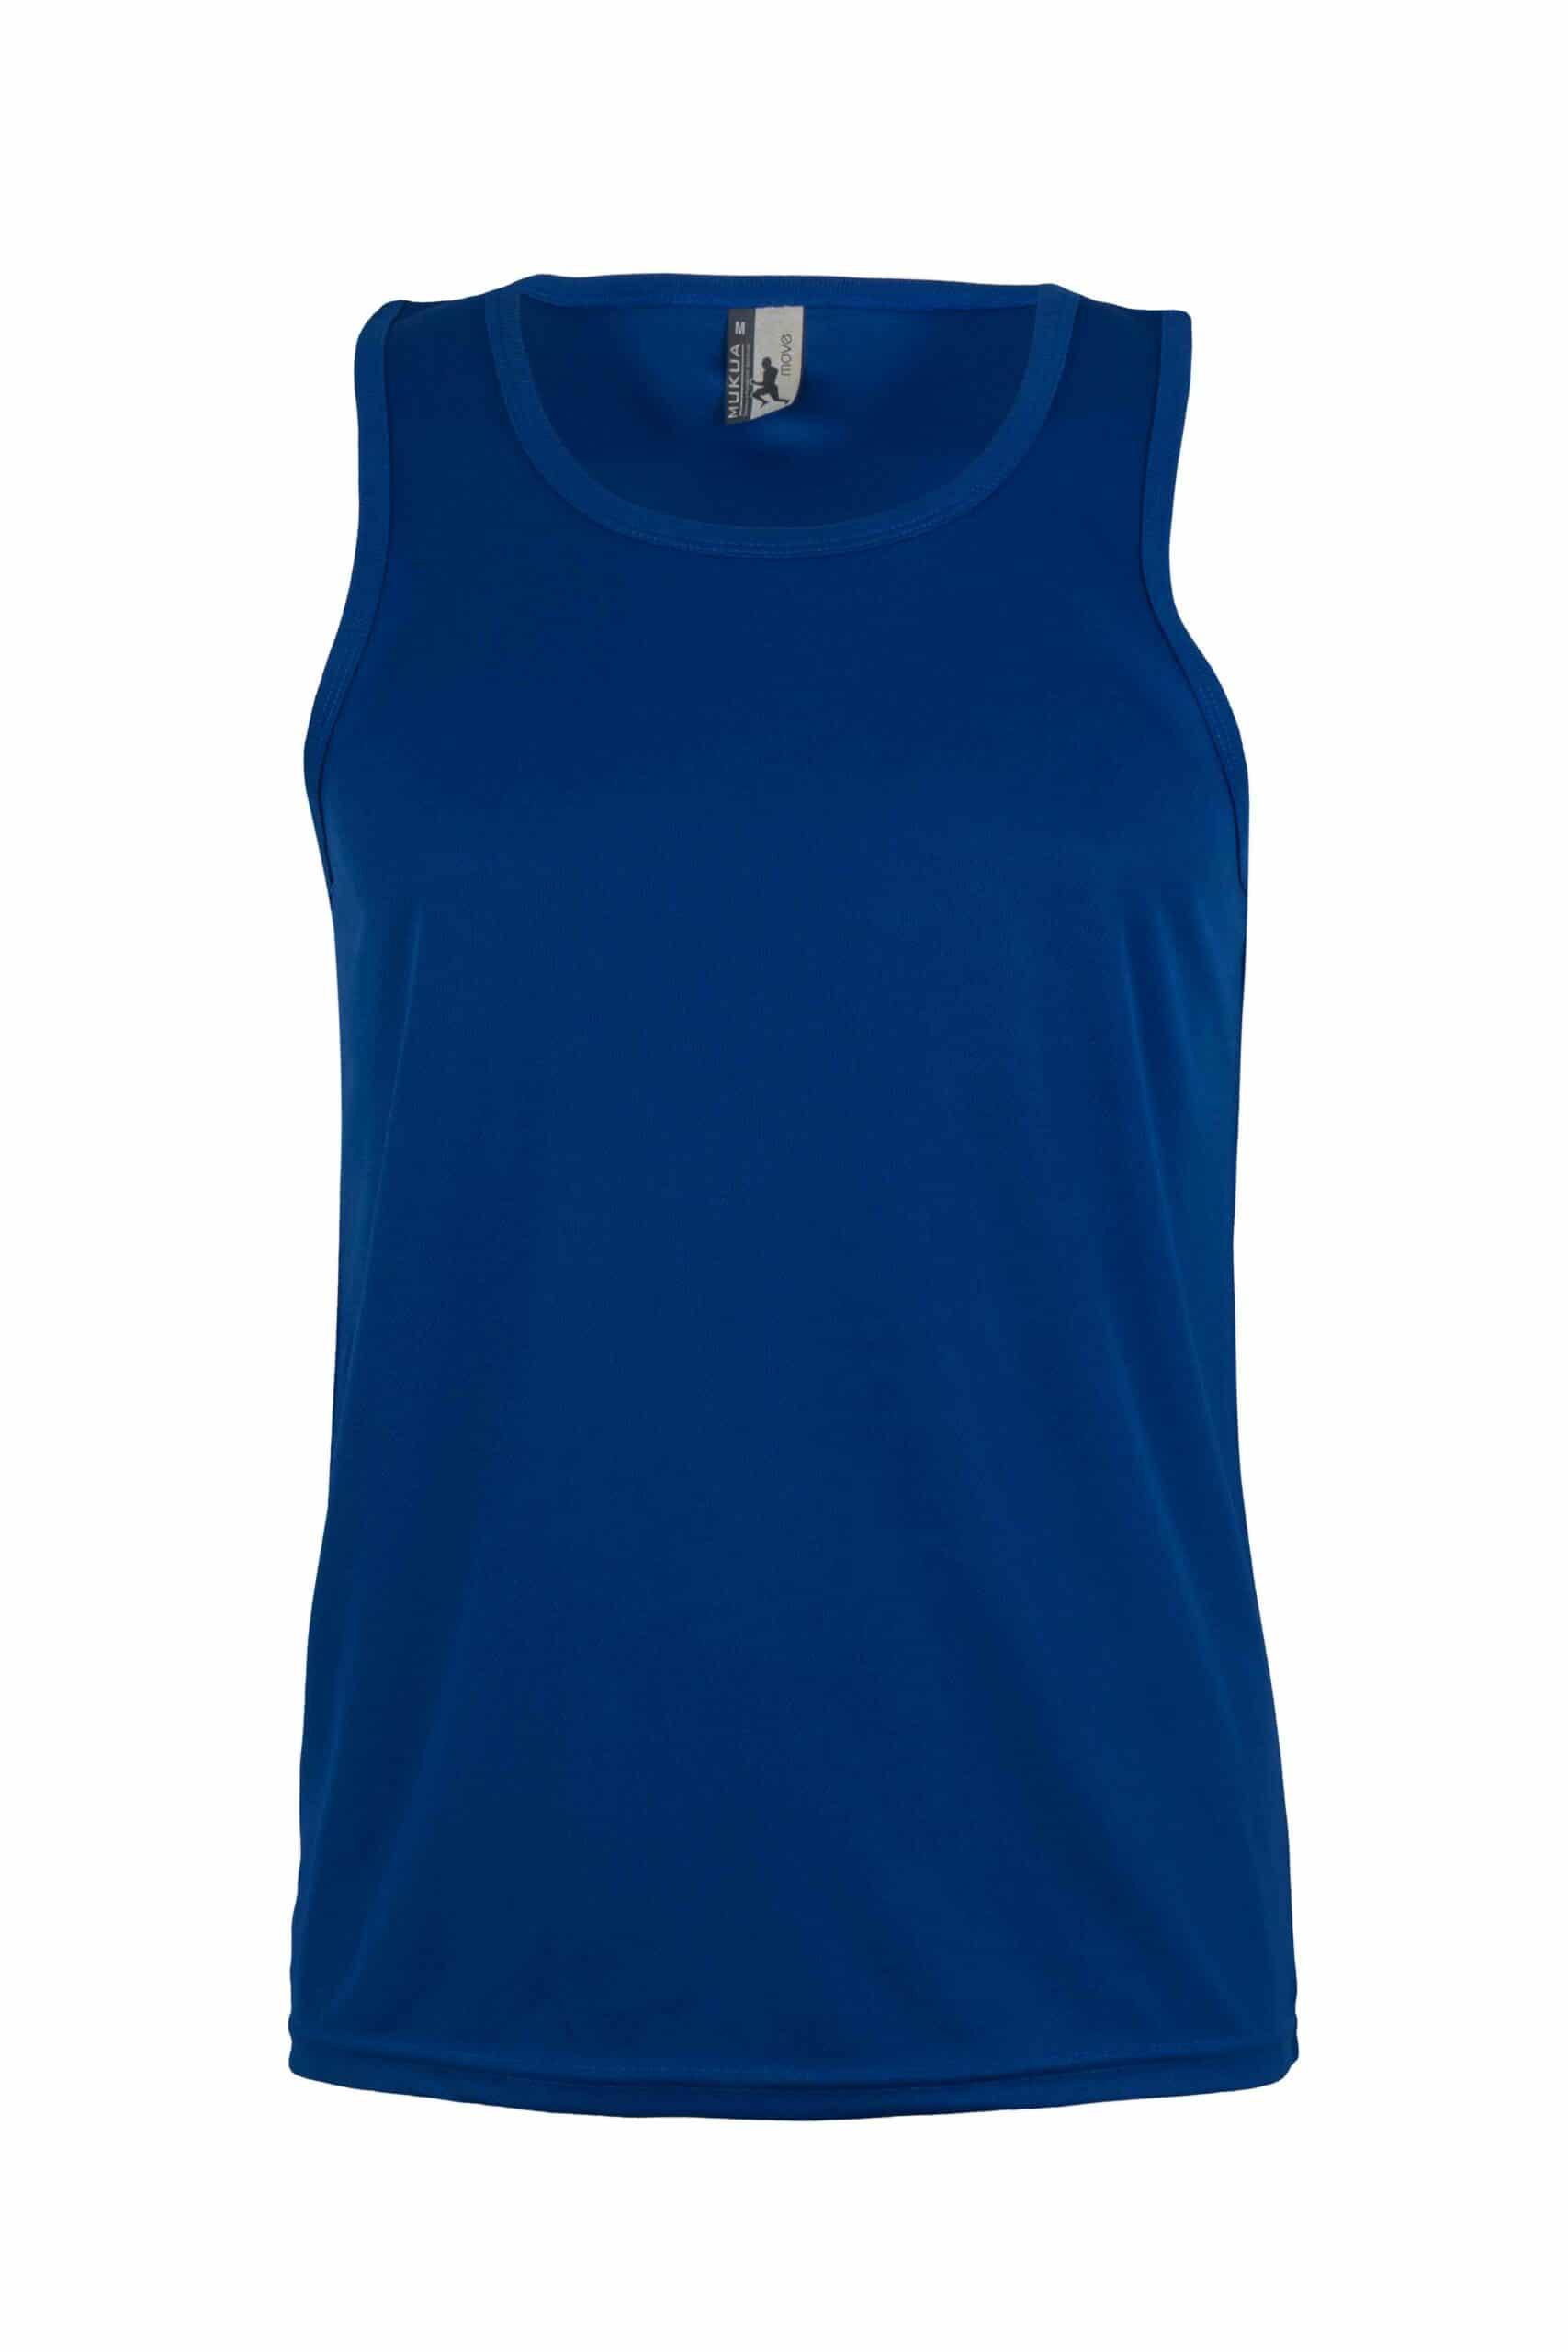 Mukua Mk525v Camiseta TÉcnica Tirantes Royal Blue